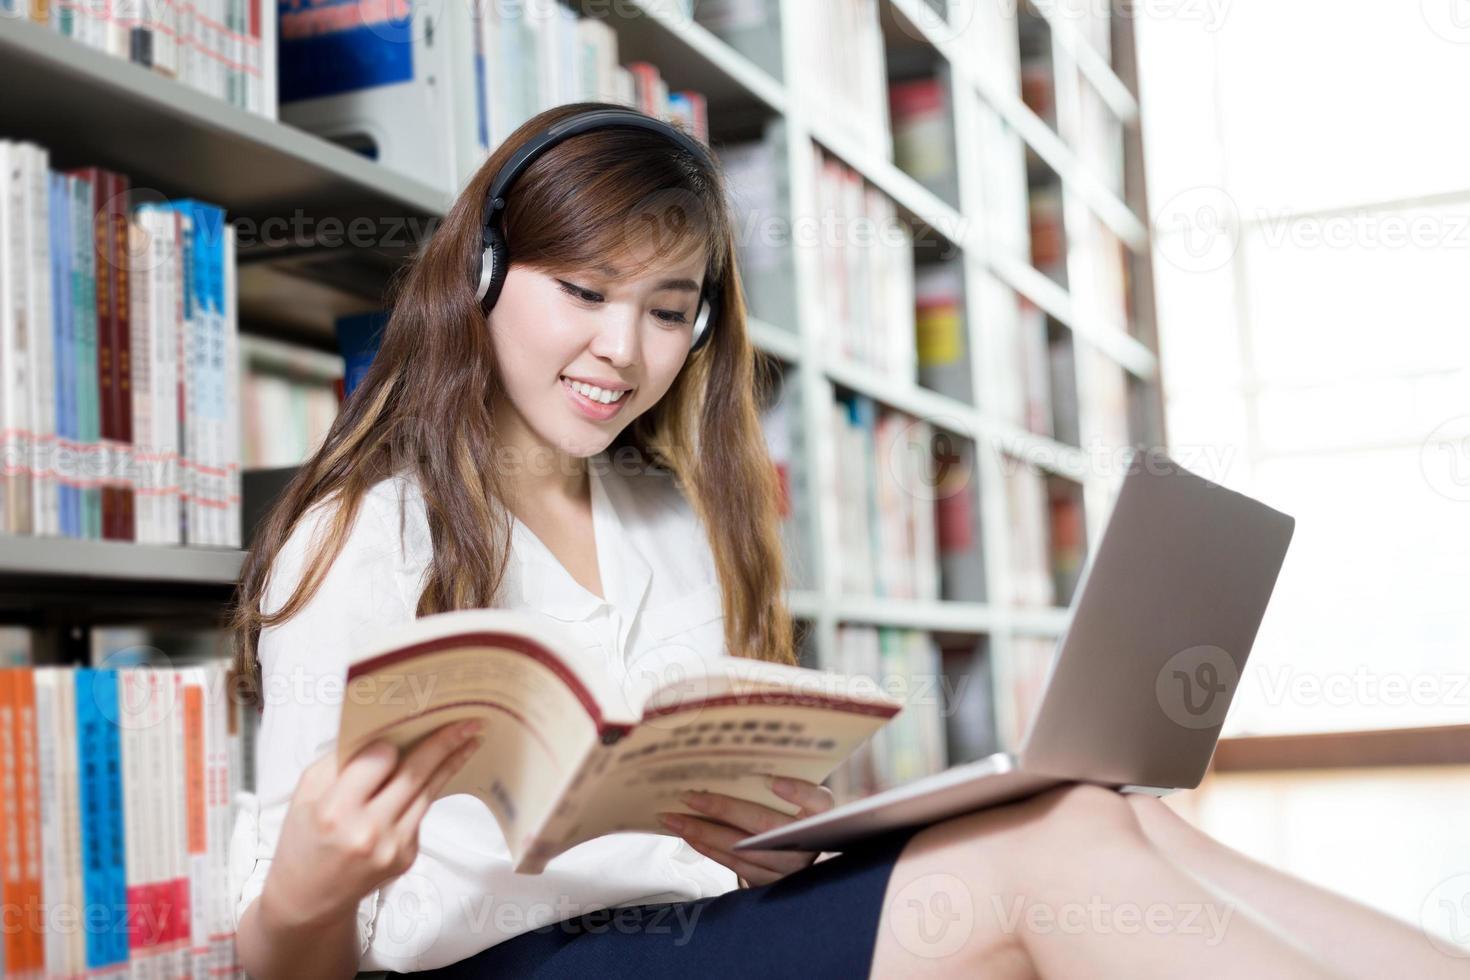 asiatisk vacker kvinnlig student som studerar i bibliotek med laptop foto